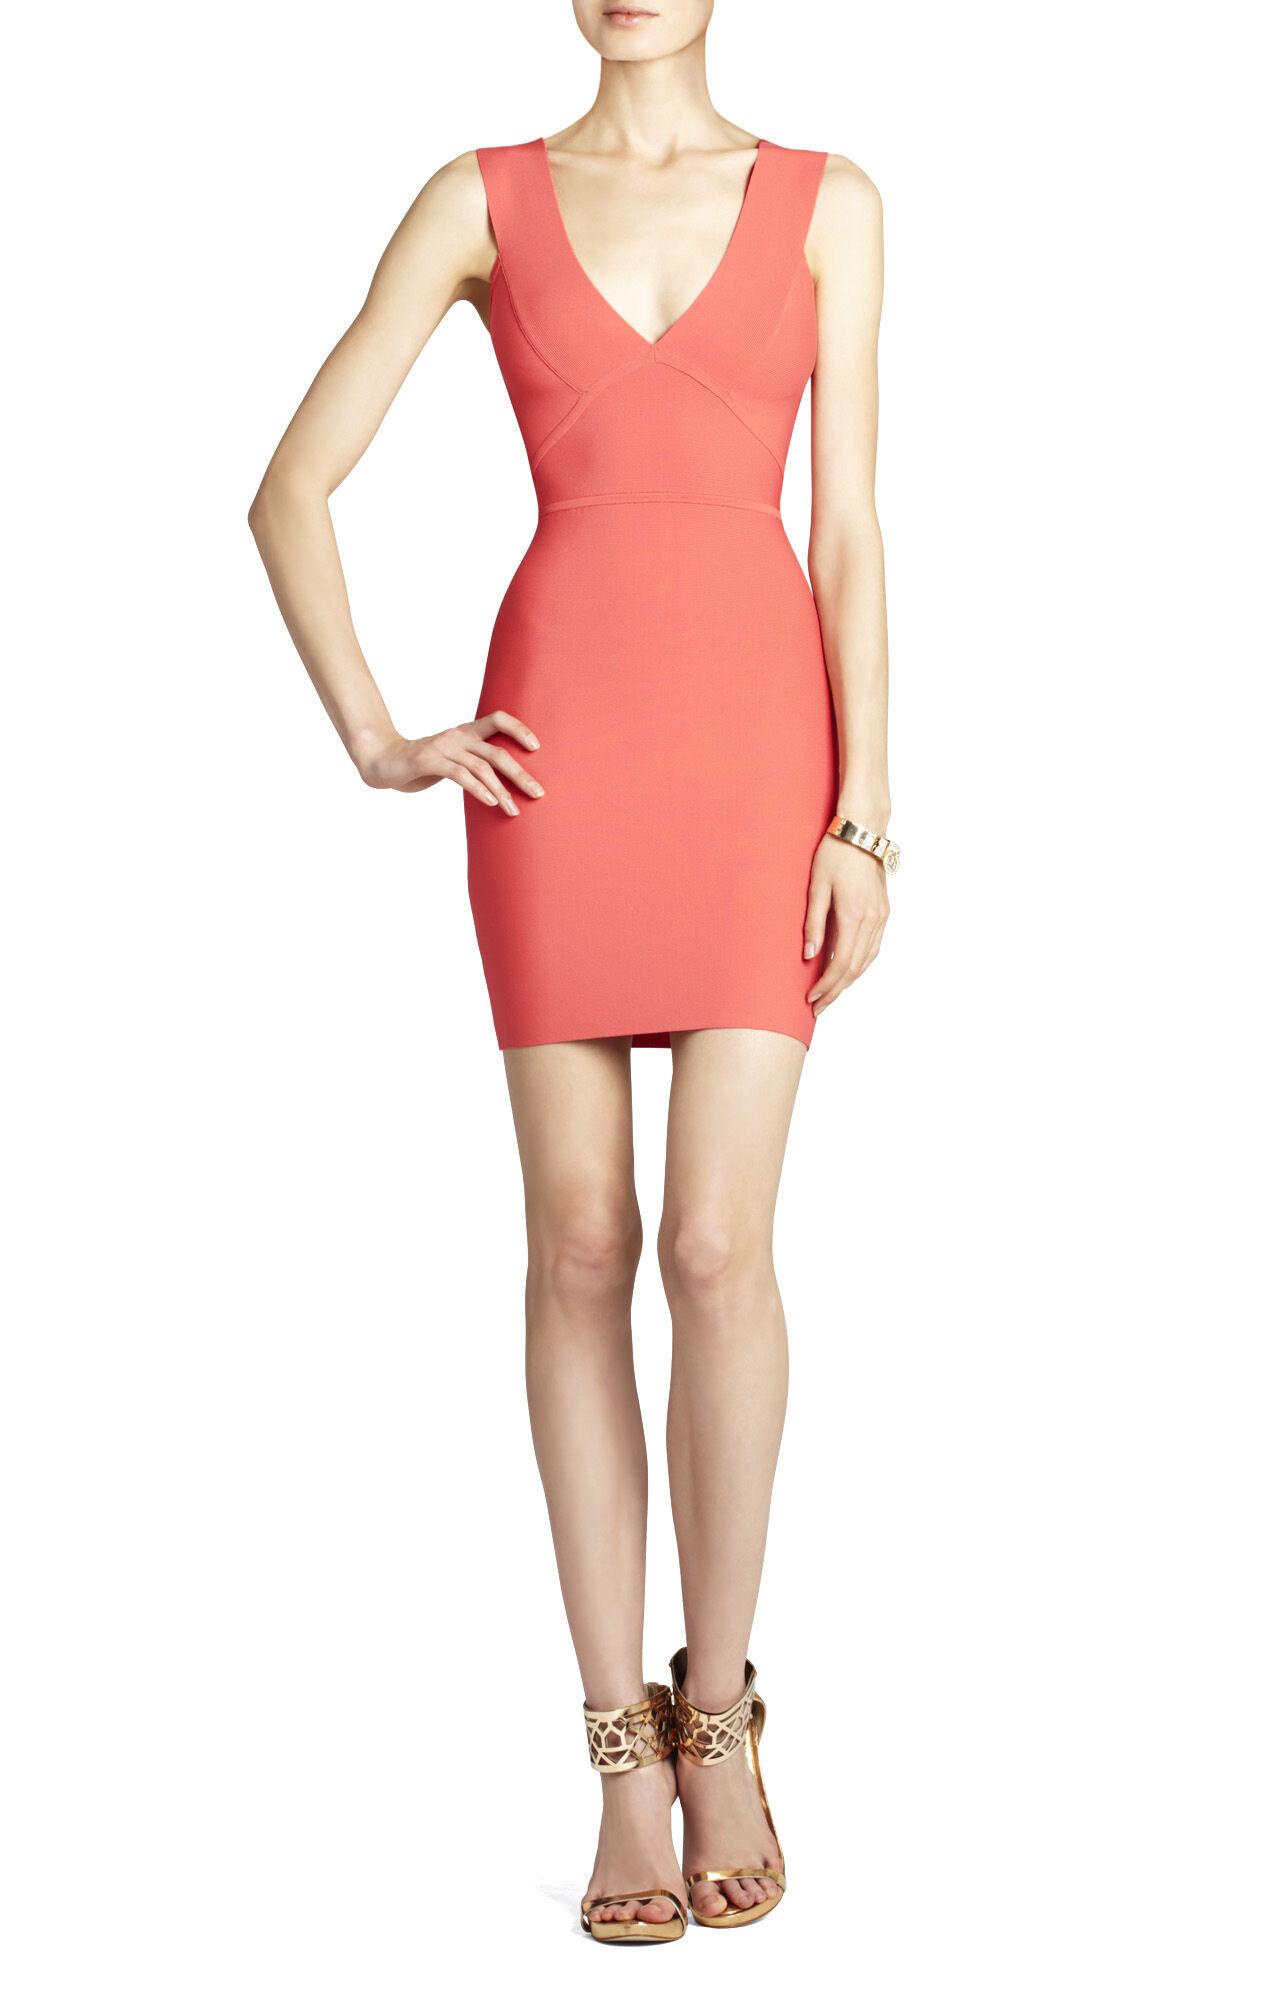 Lauren Deep V-Neck Tank Dress